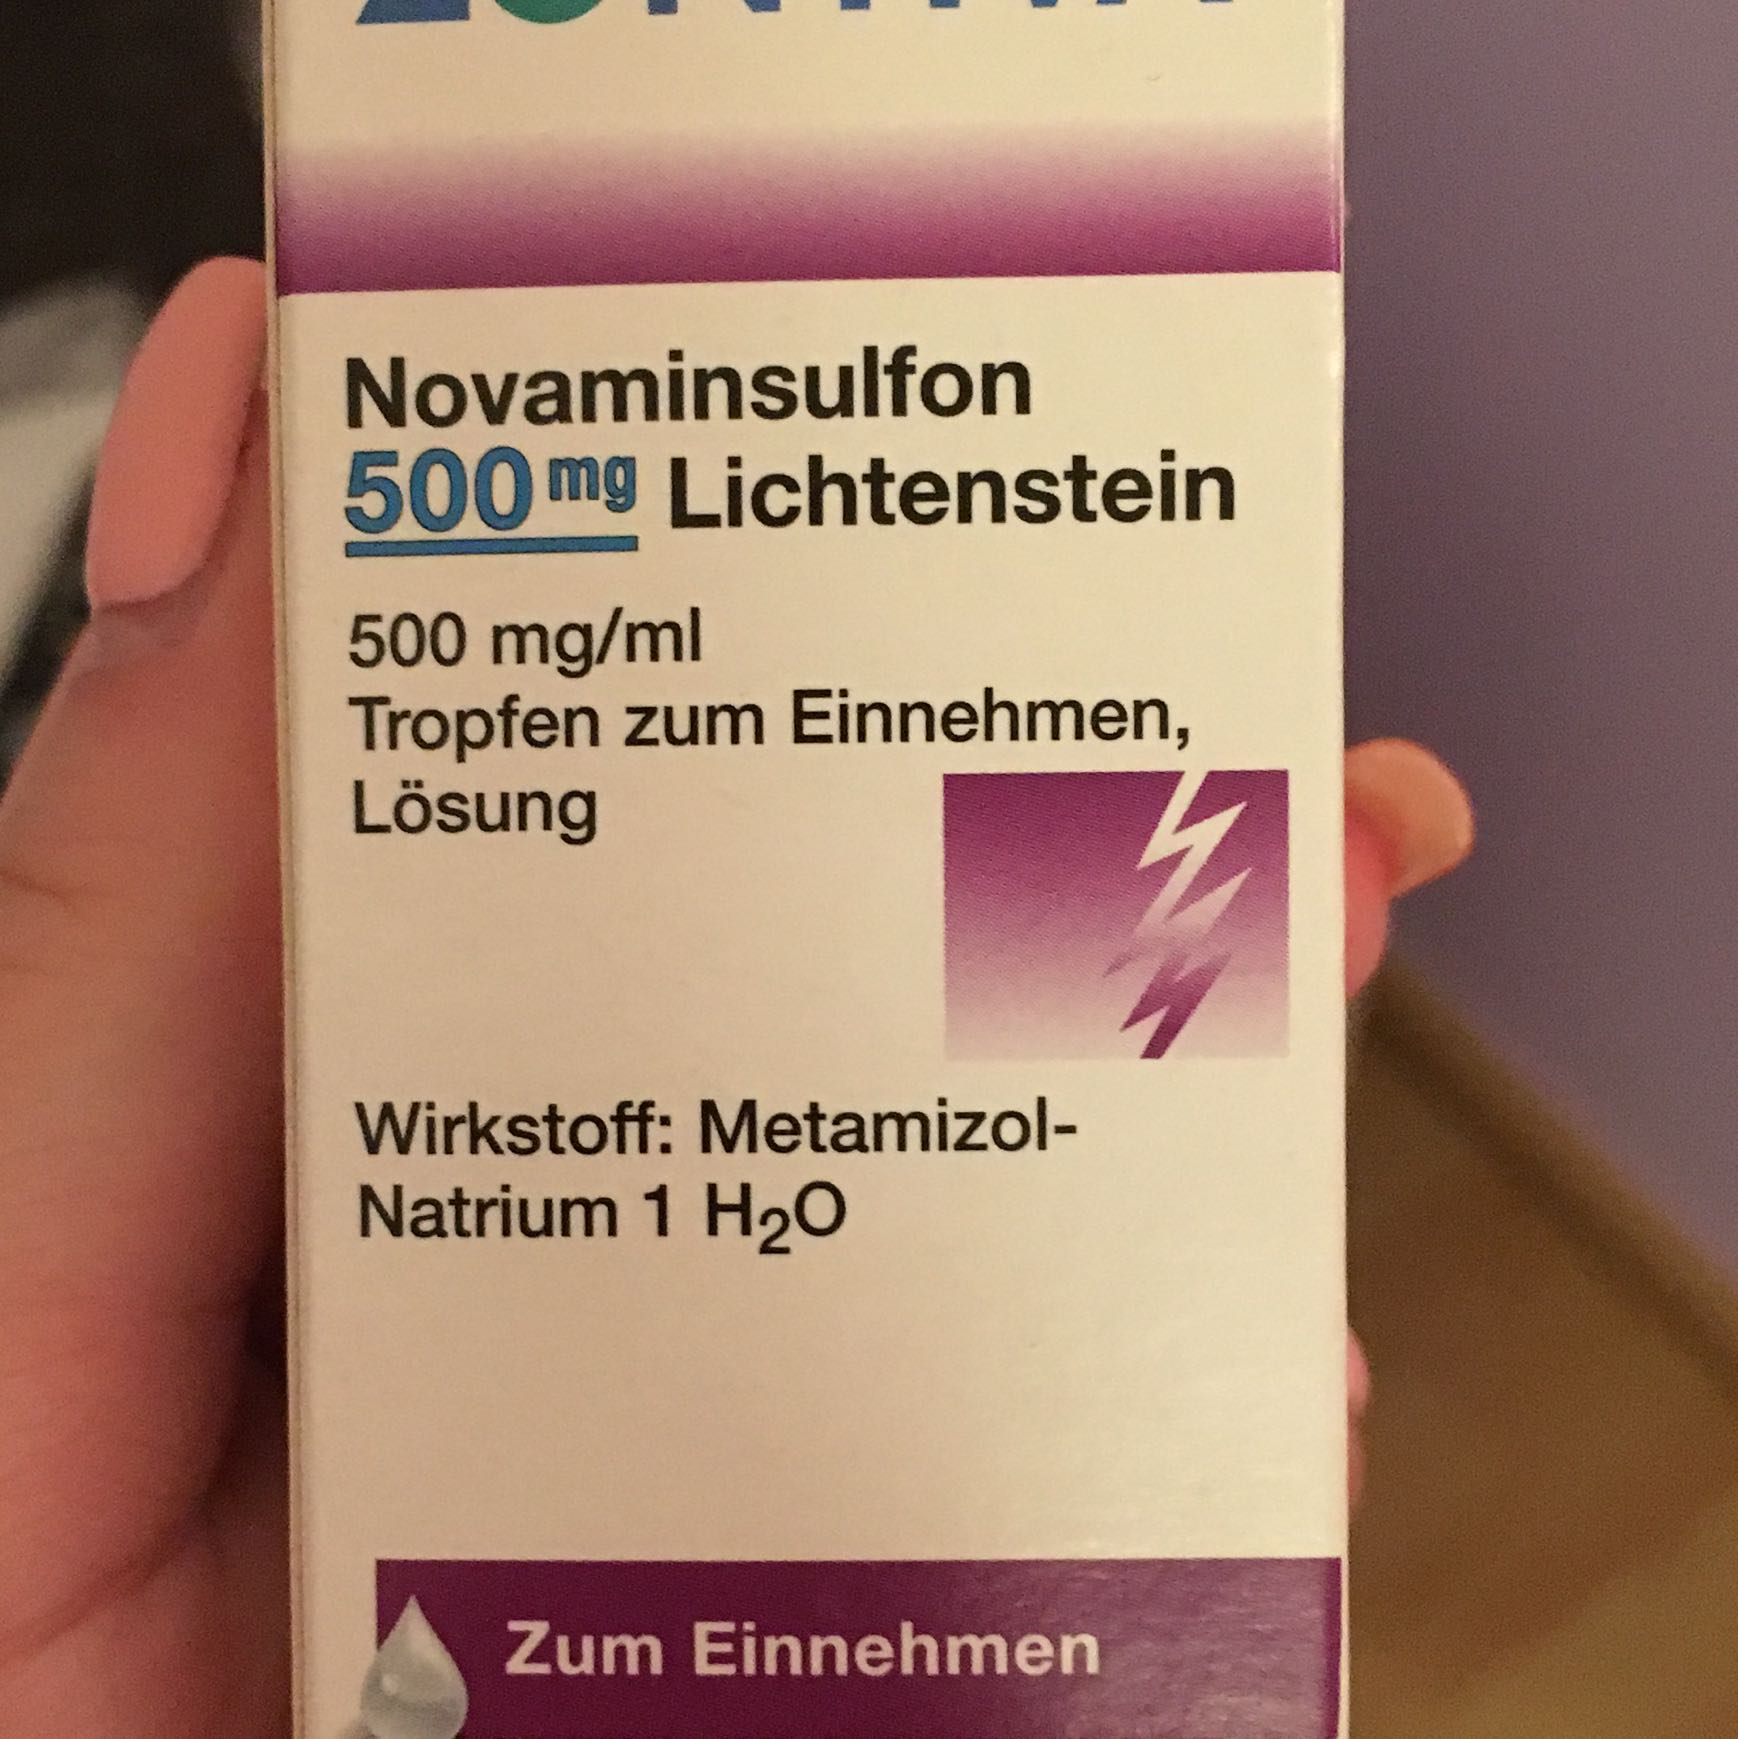 novaminsulfon schl gt nicht an schmerzen medikamente ibuprofen. Black Bedroom Furniture Sets. Home Design Ideas